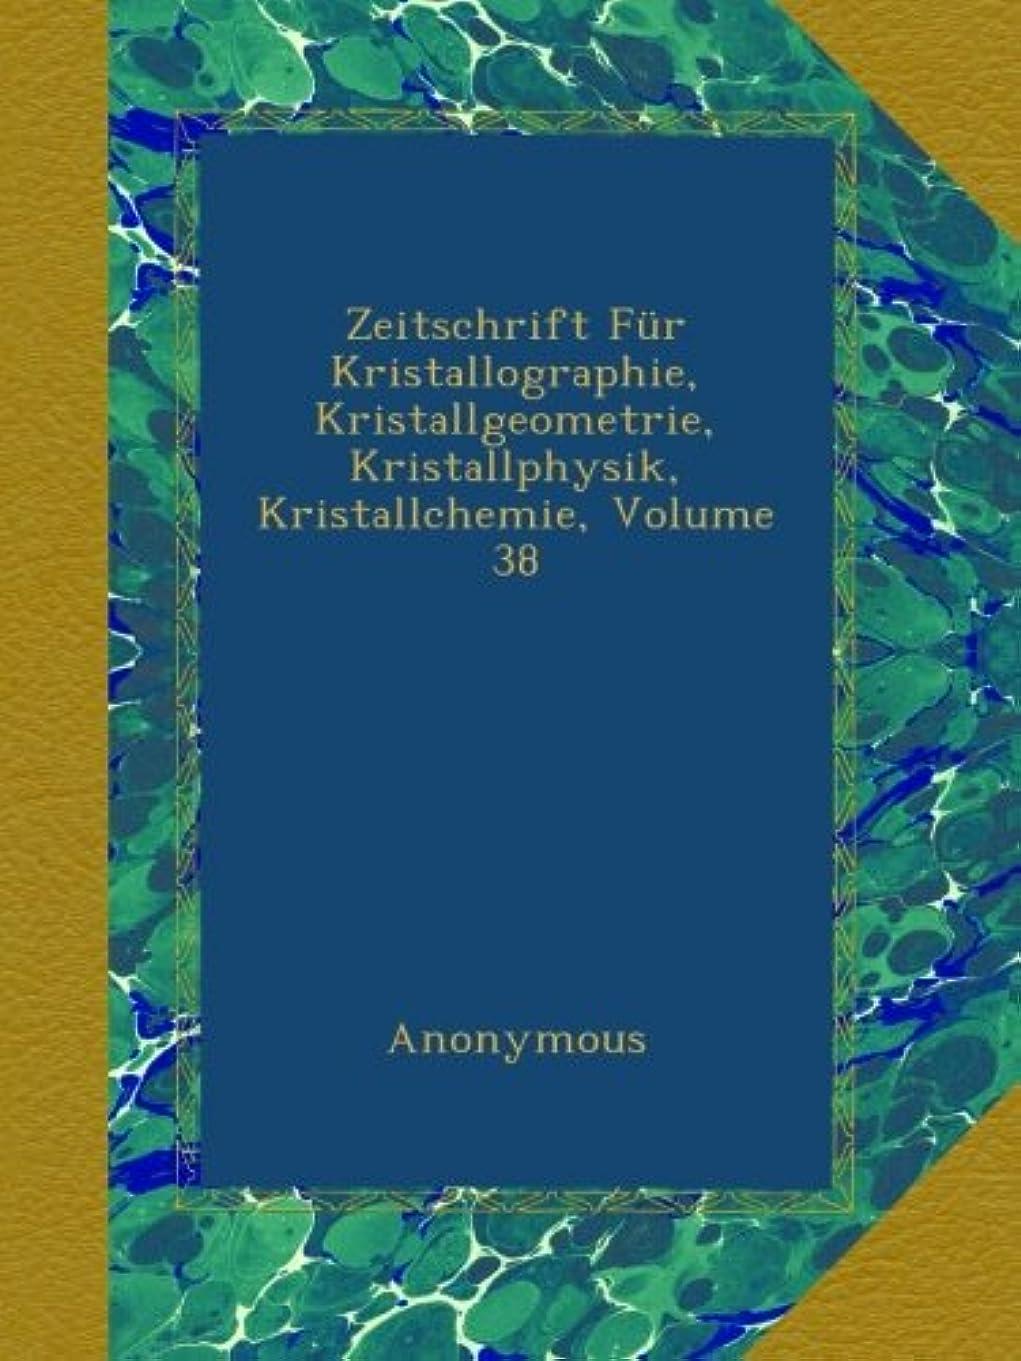 時間とともにハイキング低下Zeitschrift Fuer Kristallographie, Kristallgeometrie, Kristallphysik, Kristallchemie, Volume 38